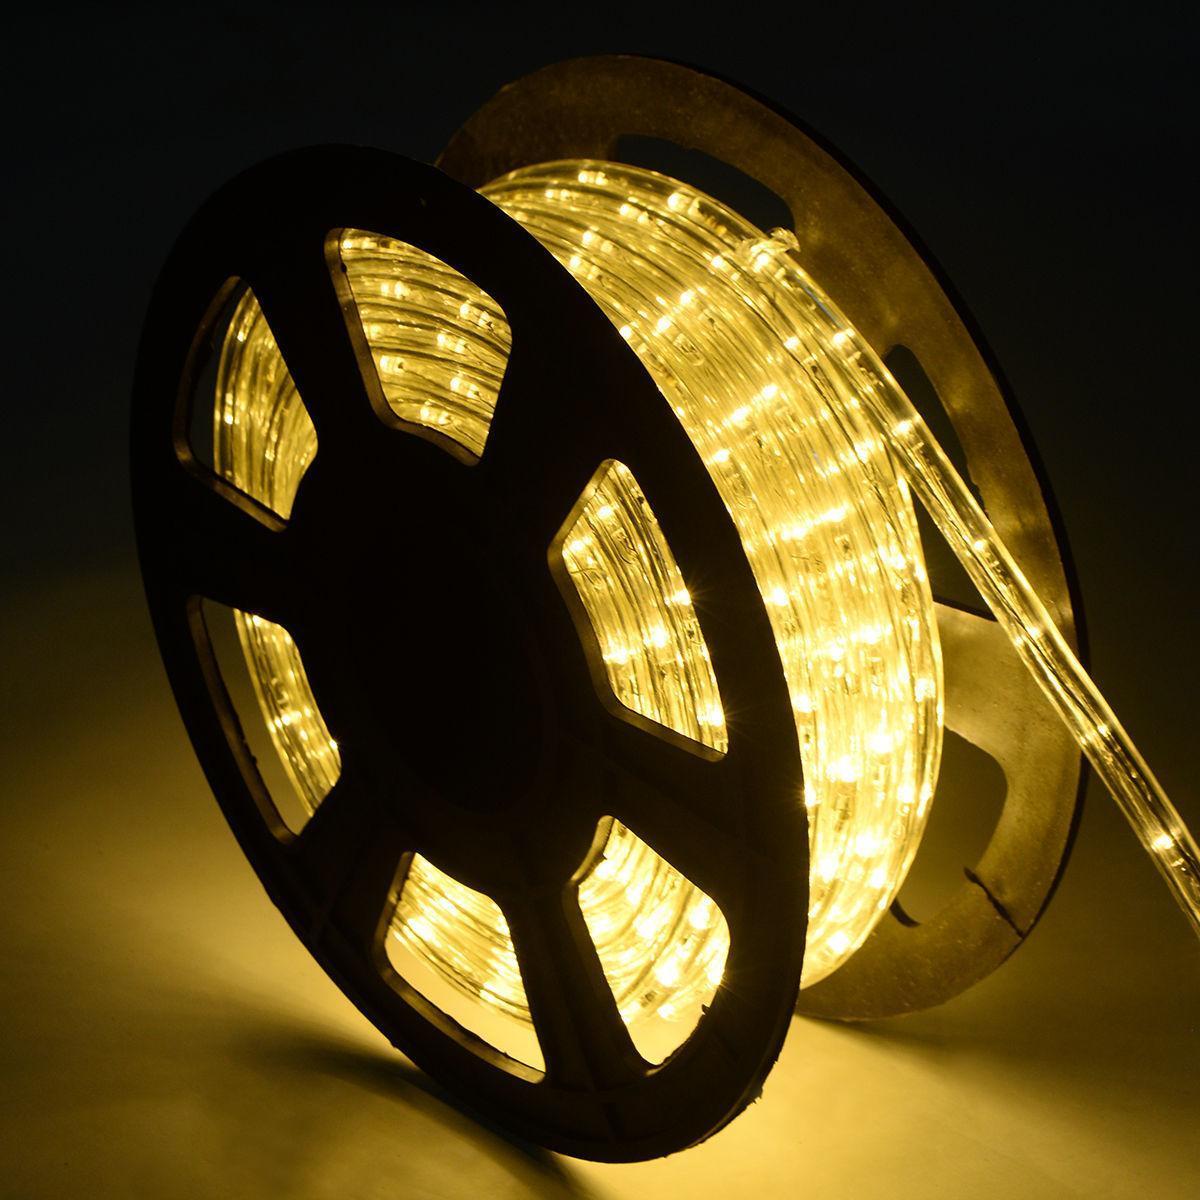 Светодиодный дюралайт 18 led на метр, бухта 100 м цвет тепло-белый